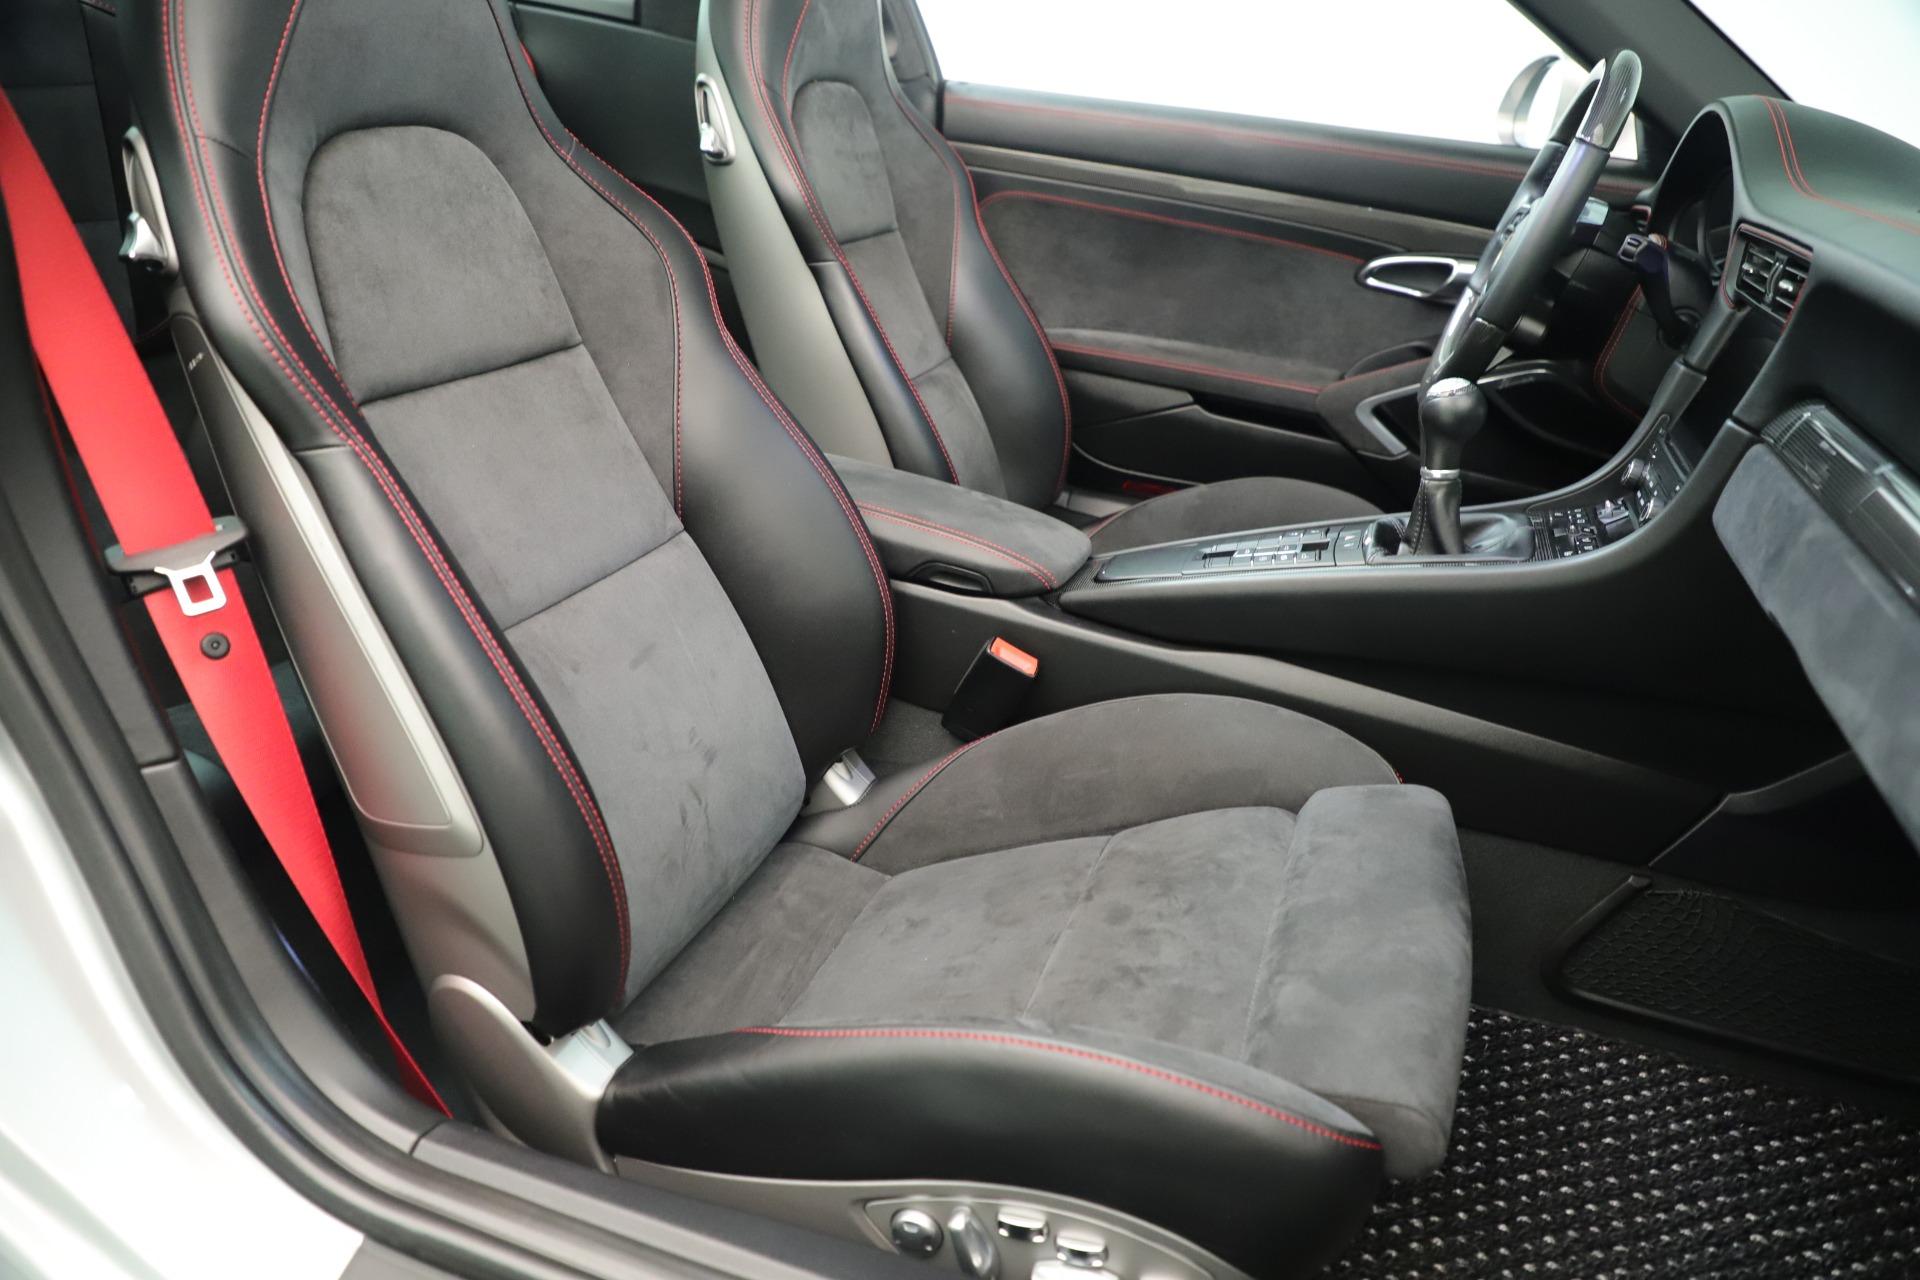 Used 2017 Porsche 911 Targa 4 GTS For Sale In Westport, CT 3374_p28